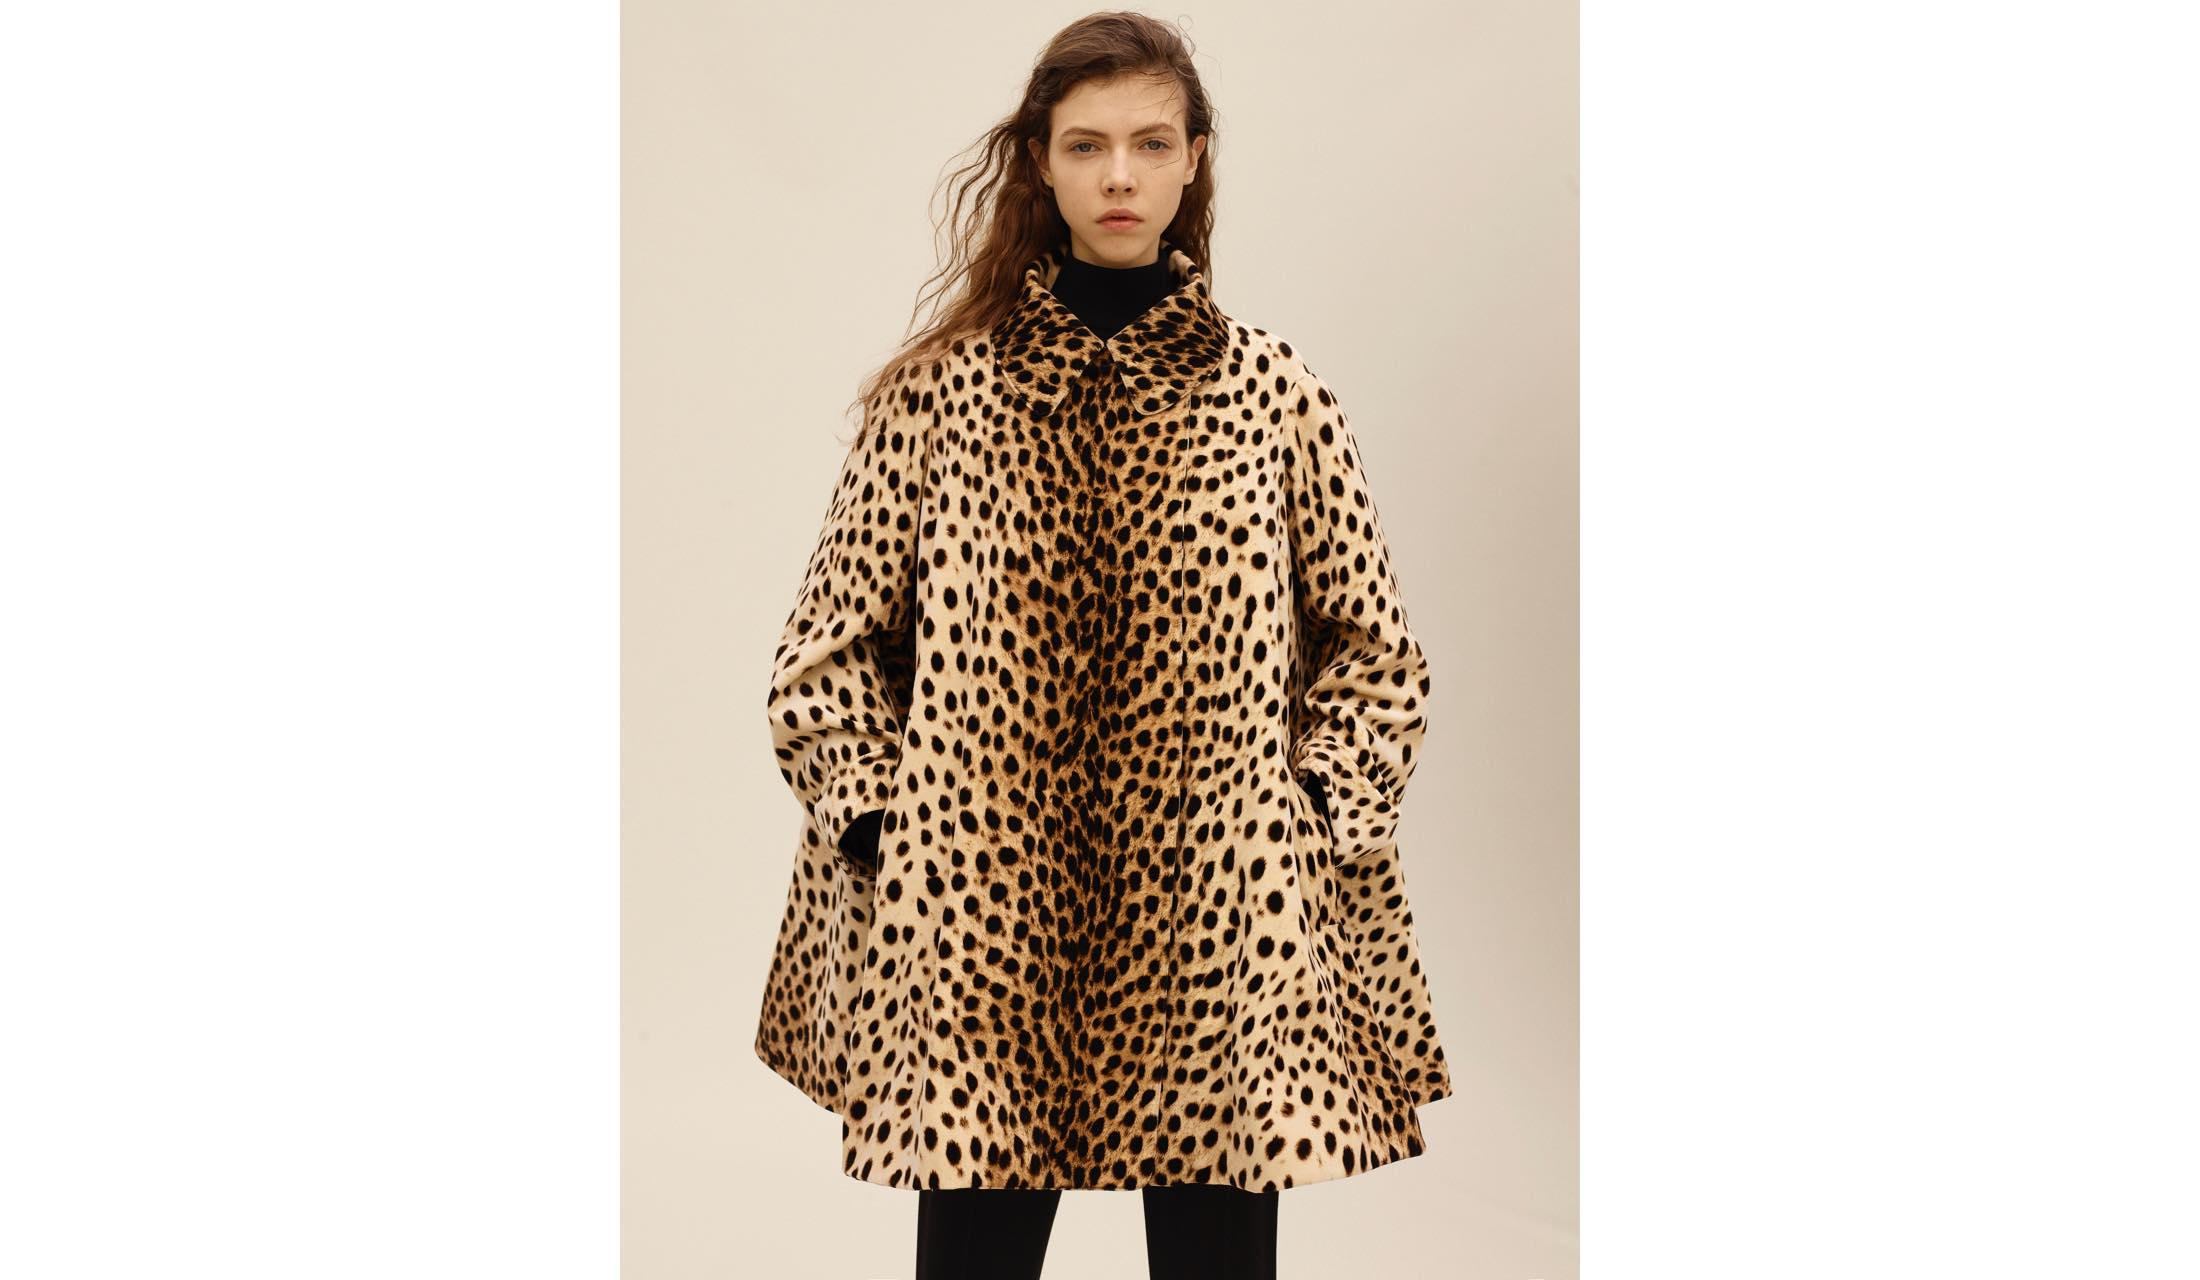 アライアのレオパード柄コートを着たモデル